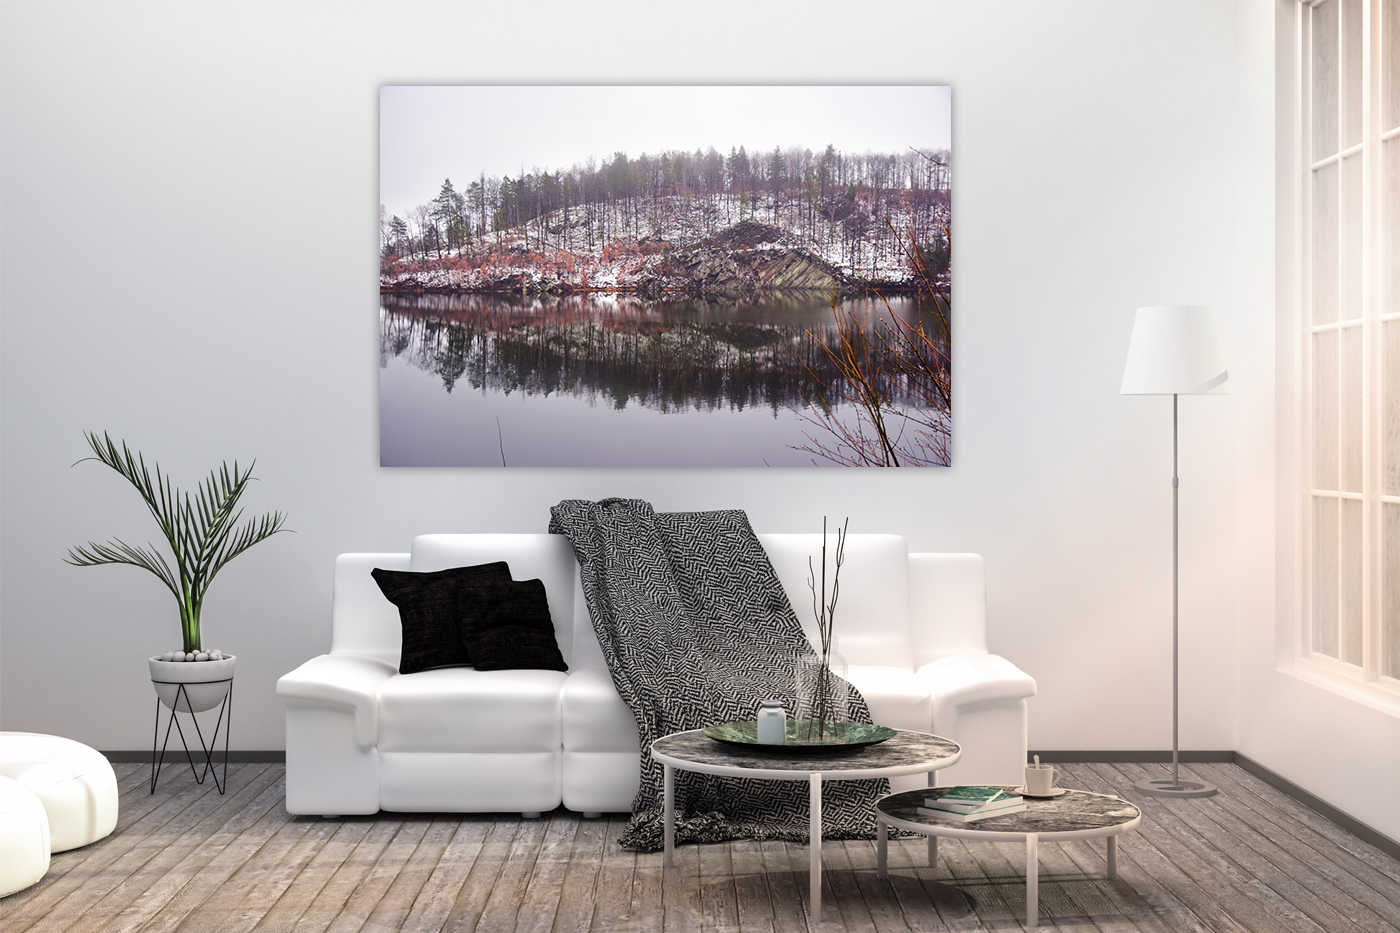 Nature photo, landscape photo, lake photo, winter photo example image 3